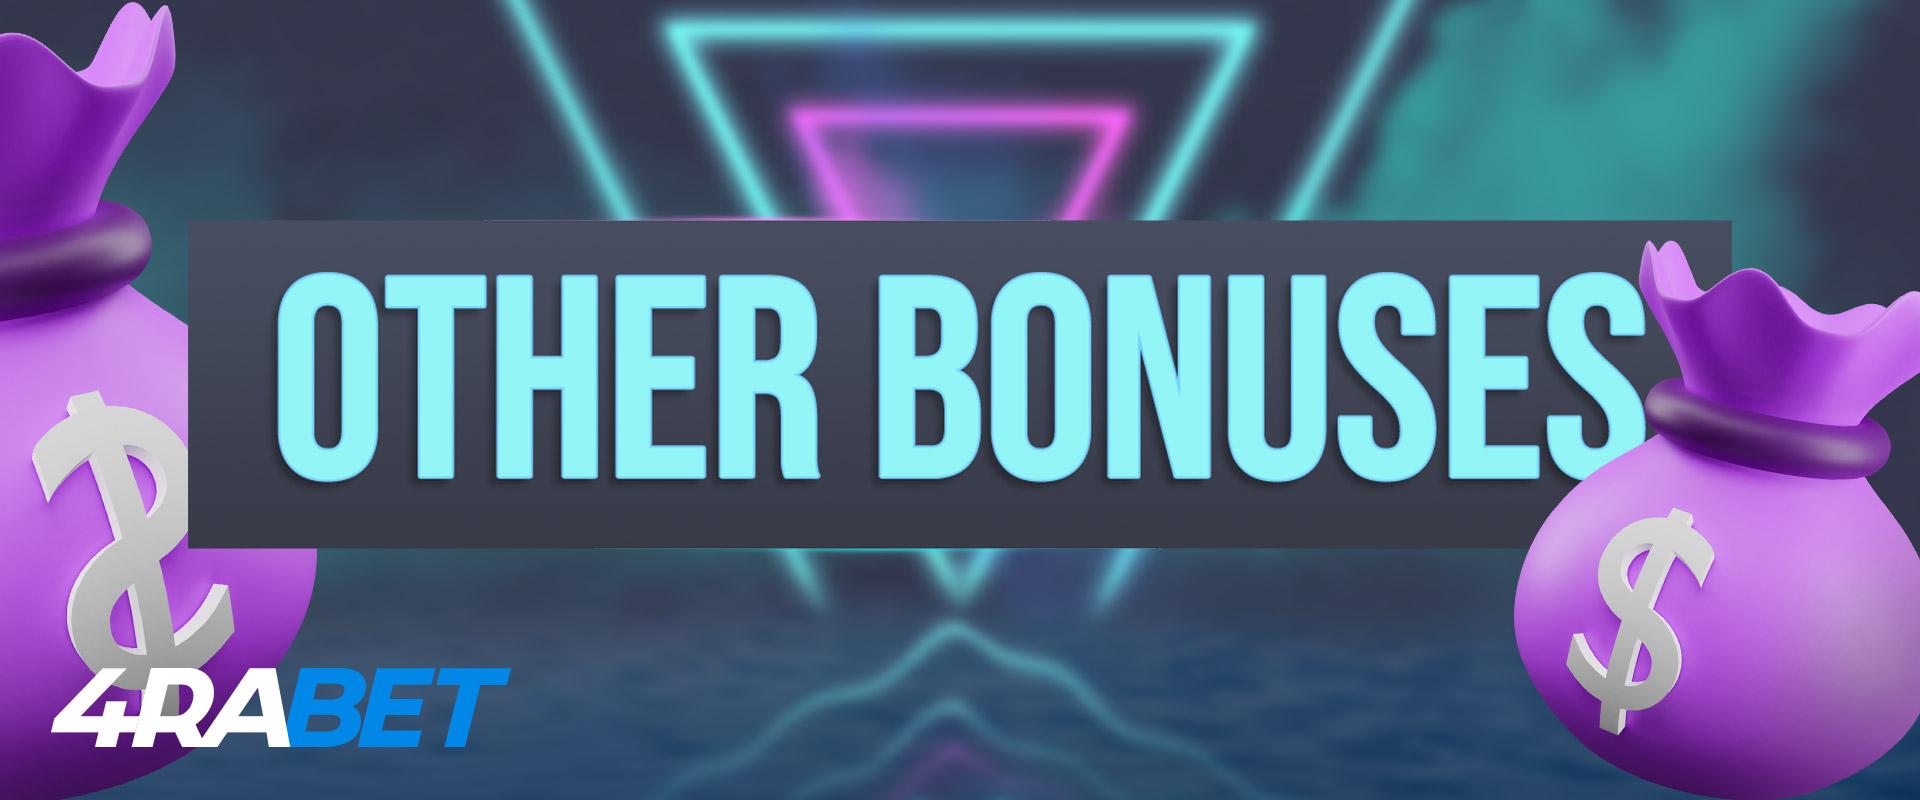 Other bonuses on 4rabet.